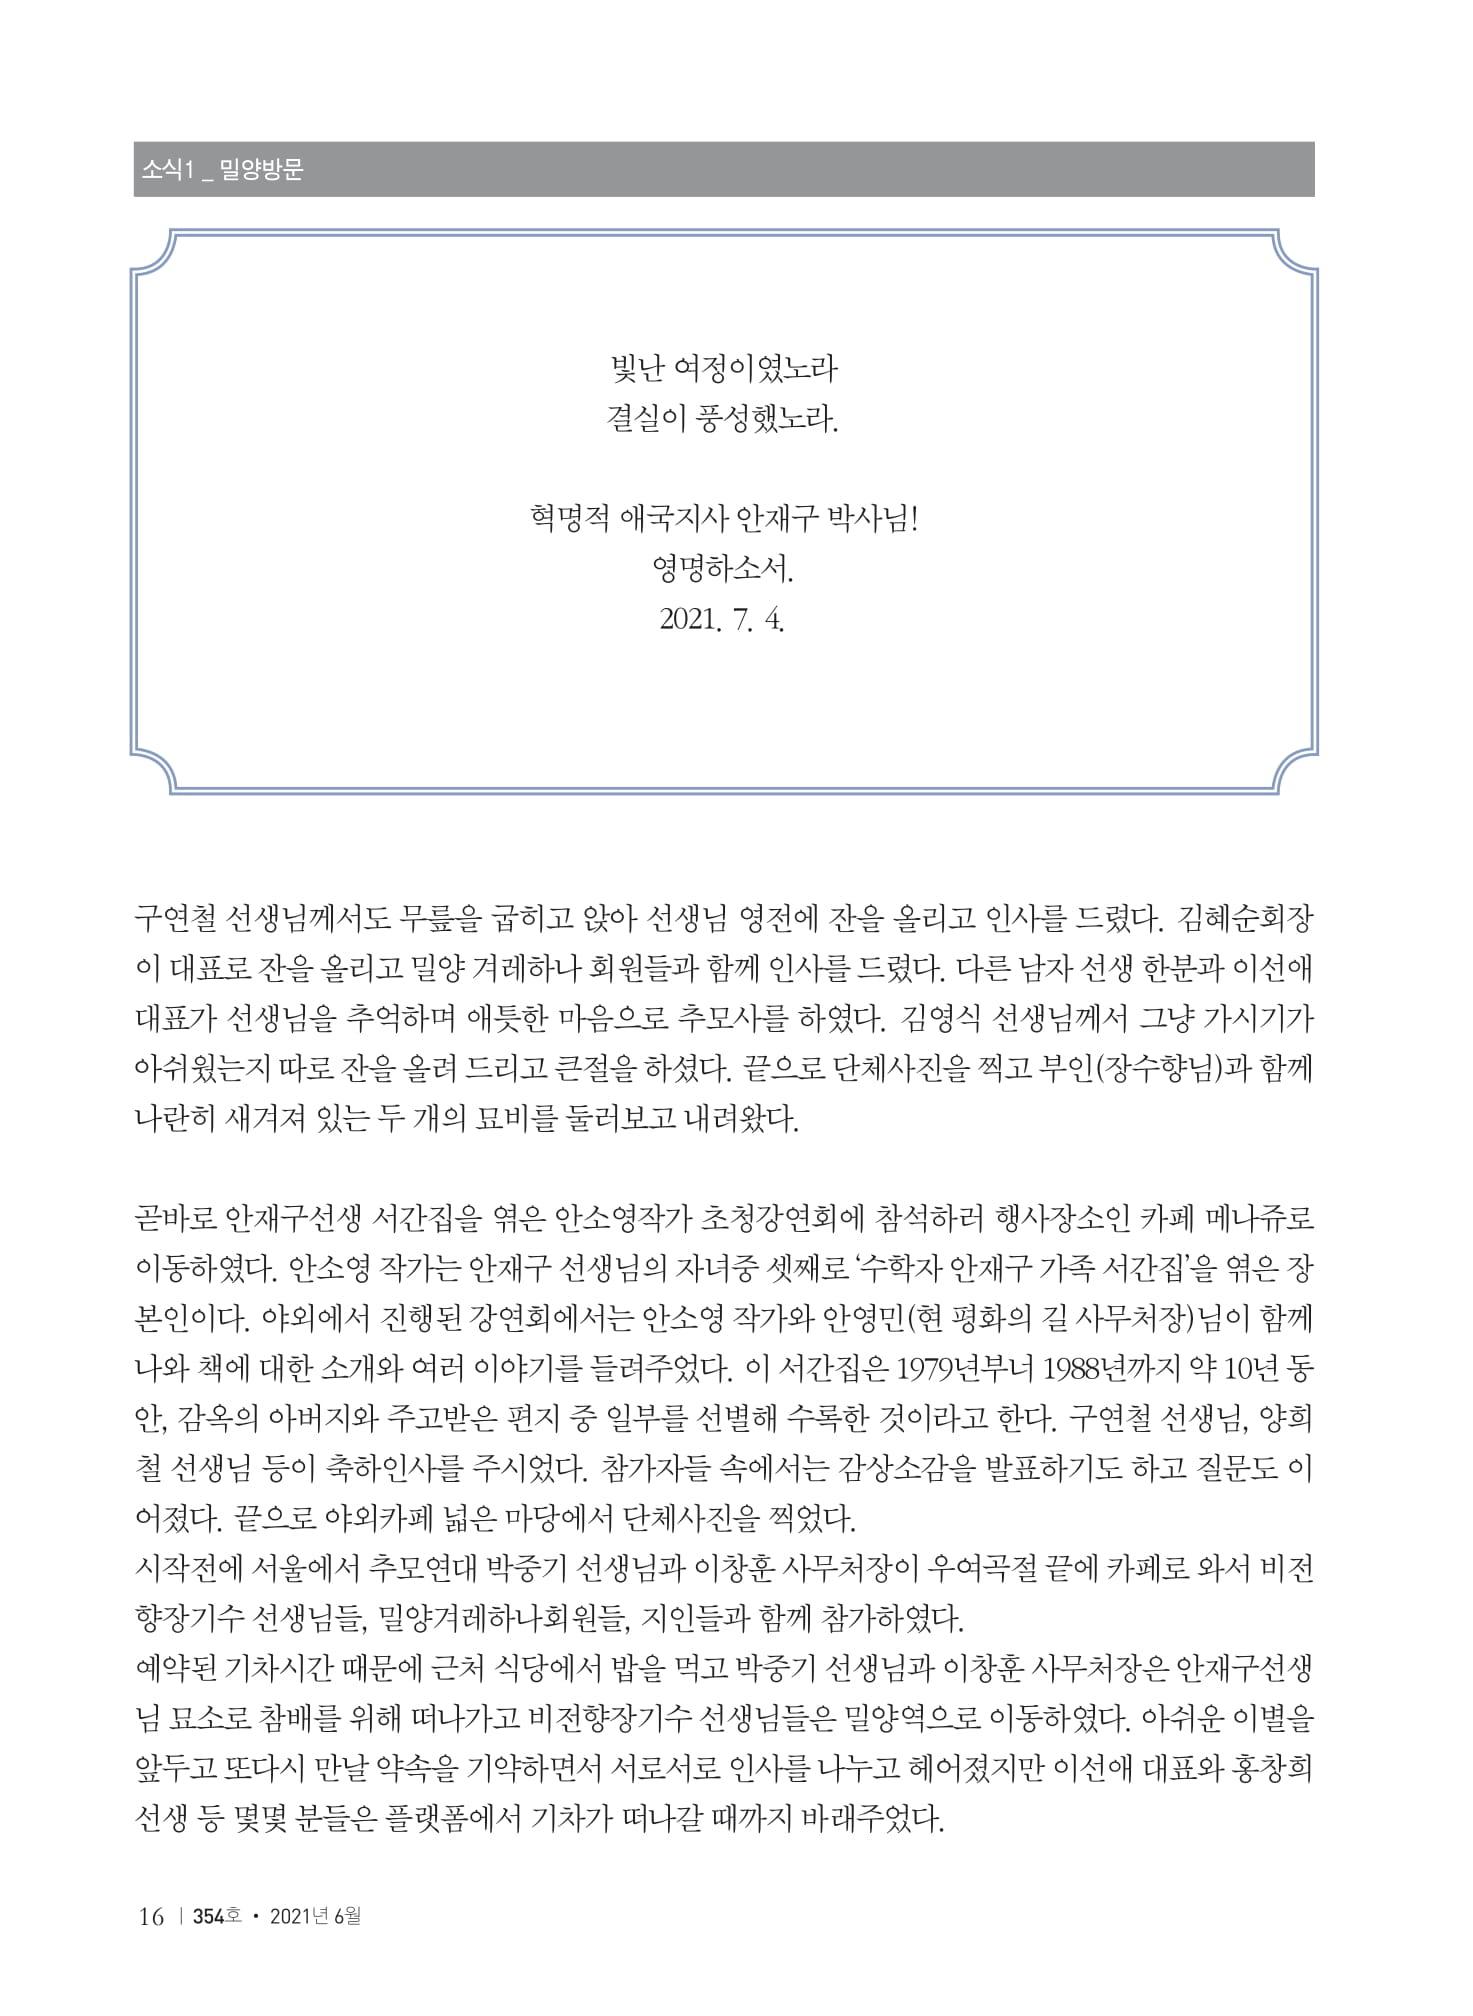 [양심수후원회] 소식지 354호 web 수정-18.jpg